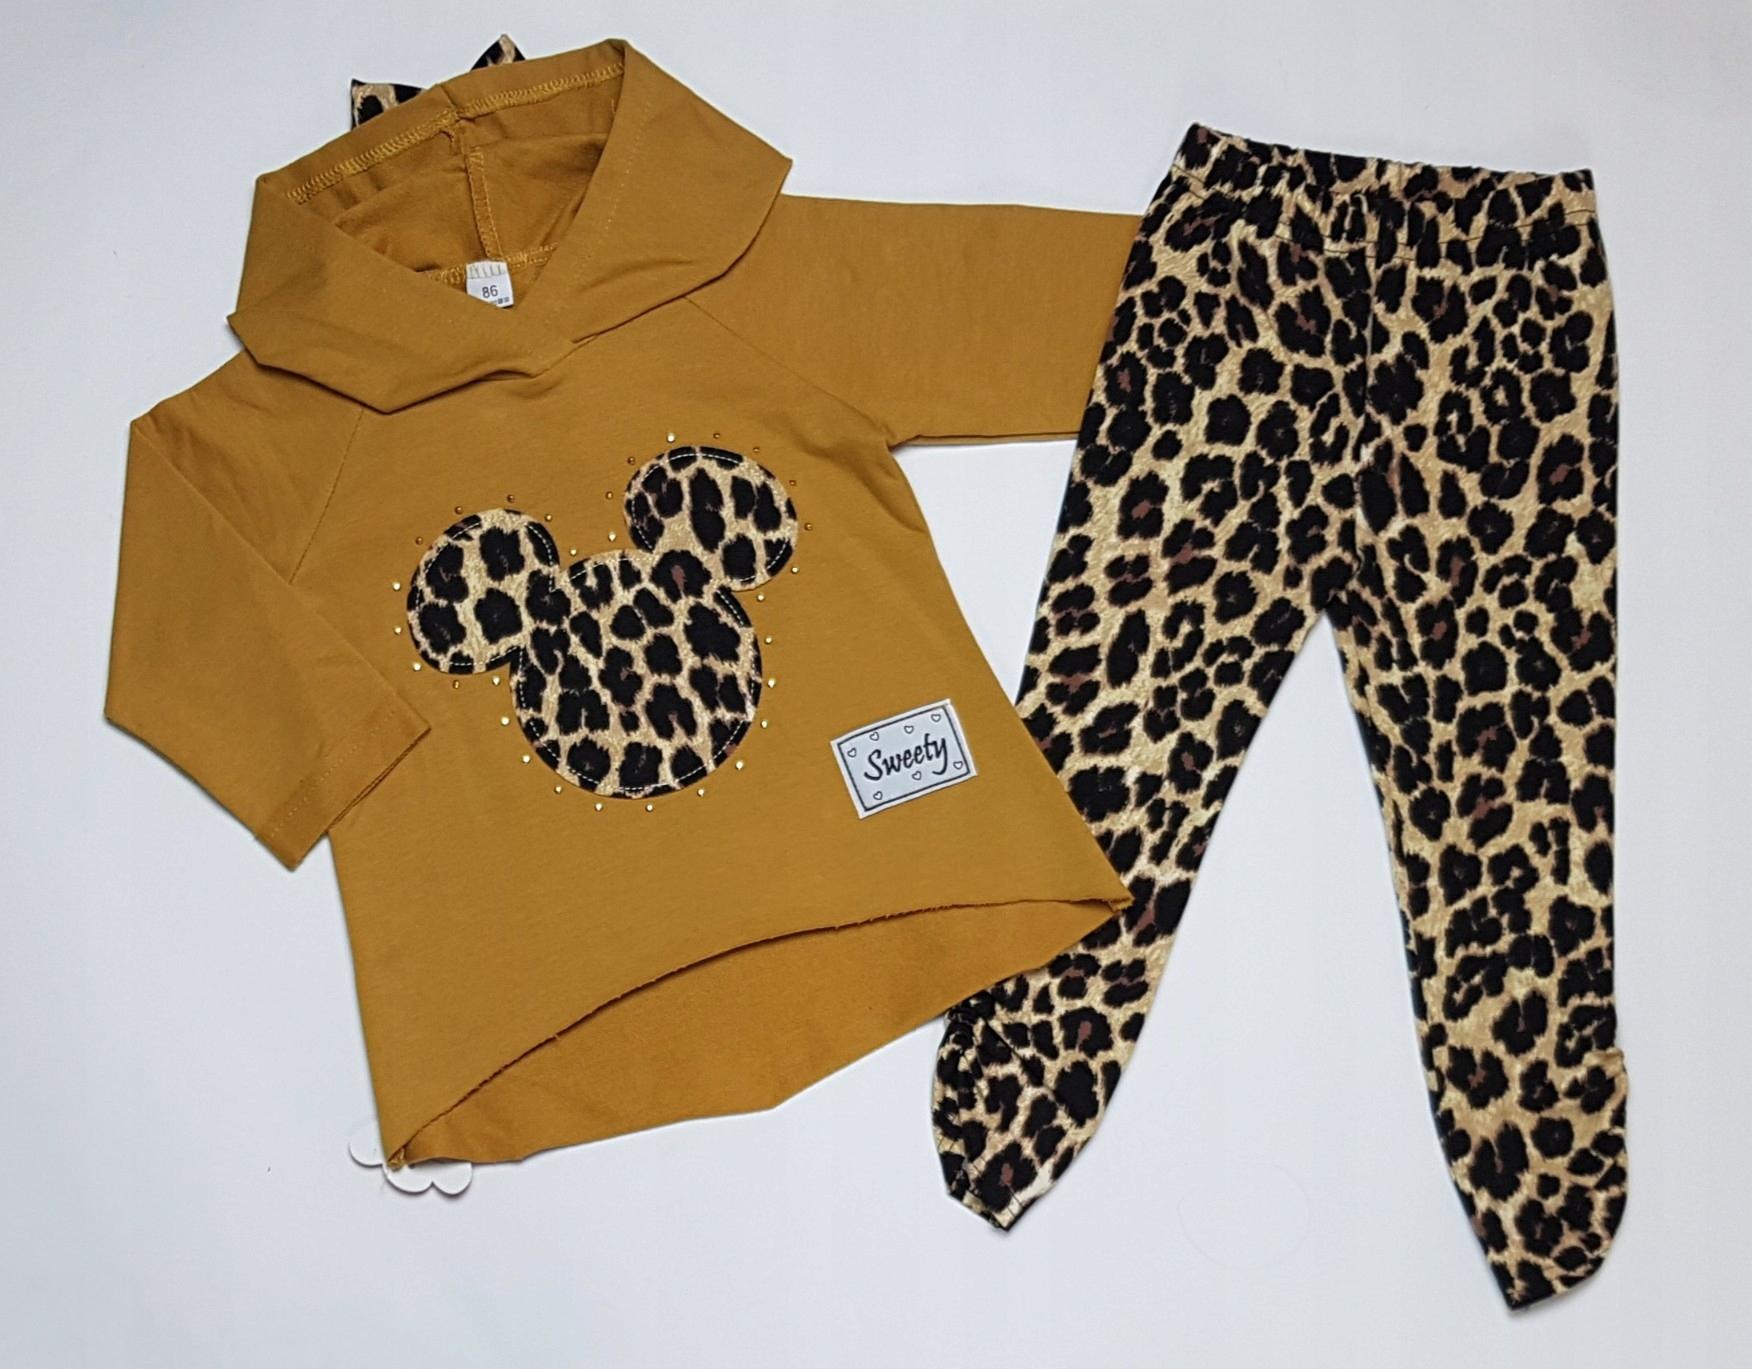 829a32fc6 Komplet dla dziewczynki PANTERKA bluza+legginsy 98 - 7673788341 ...